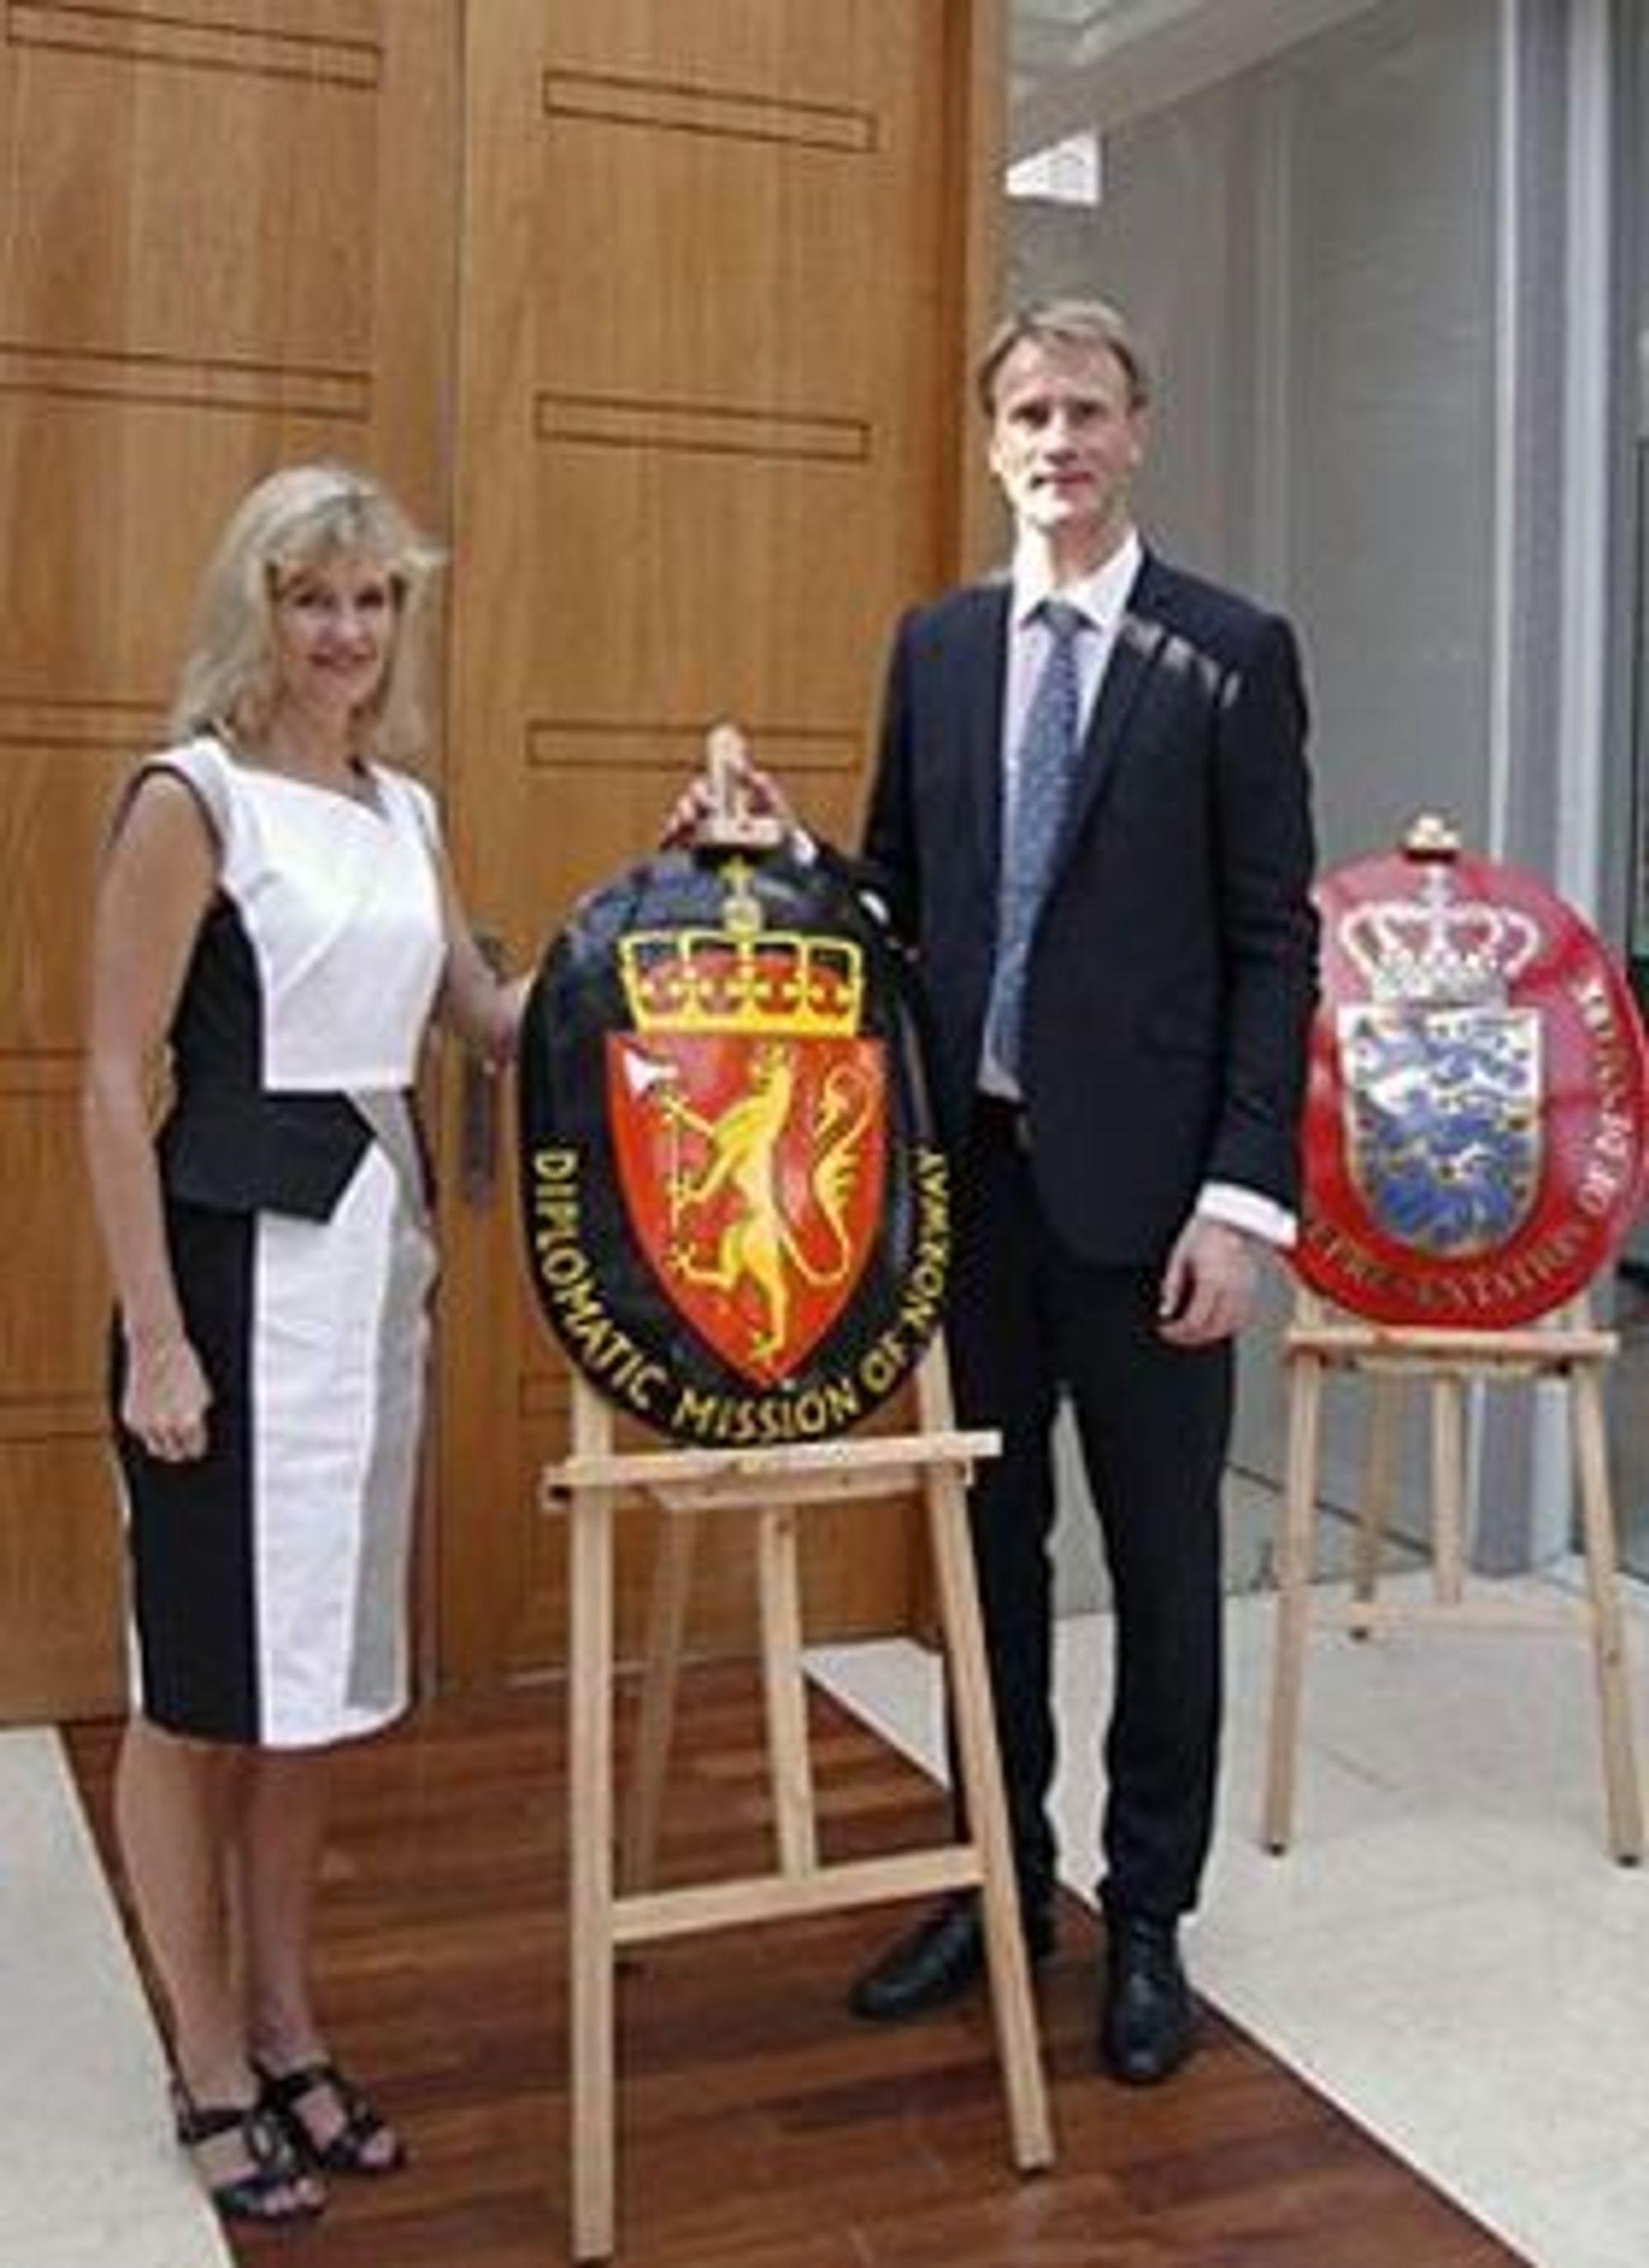 Fra UD til Telenor: Ambassadør Katja Nordgaard her sammen med ambassaderåd Arne Jan Flølo. Bildet er fra åpningen av et nytt ambassadekontor Myanmar i 2012.